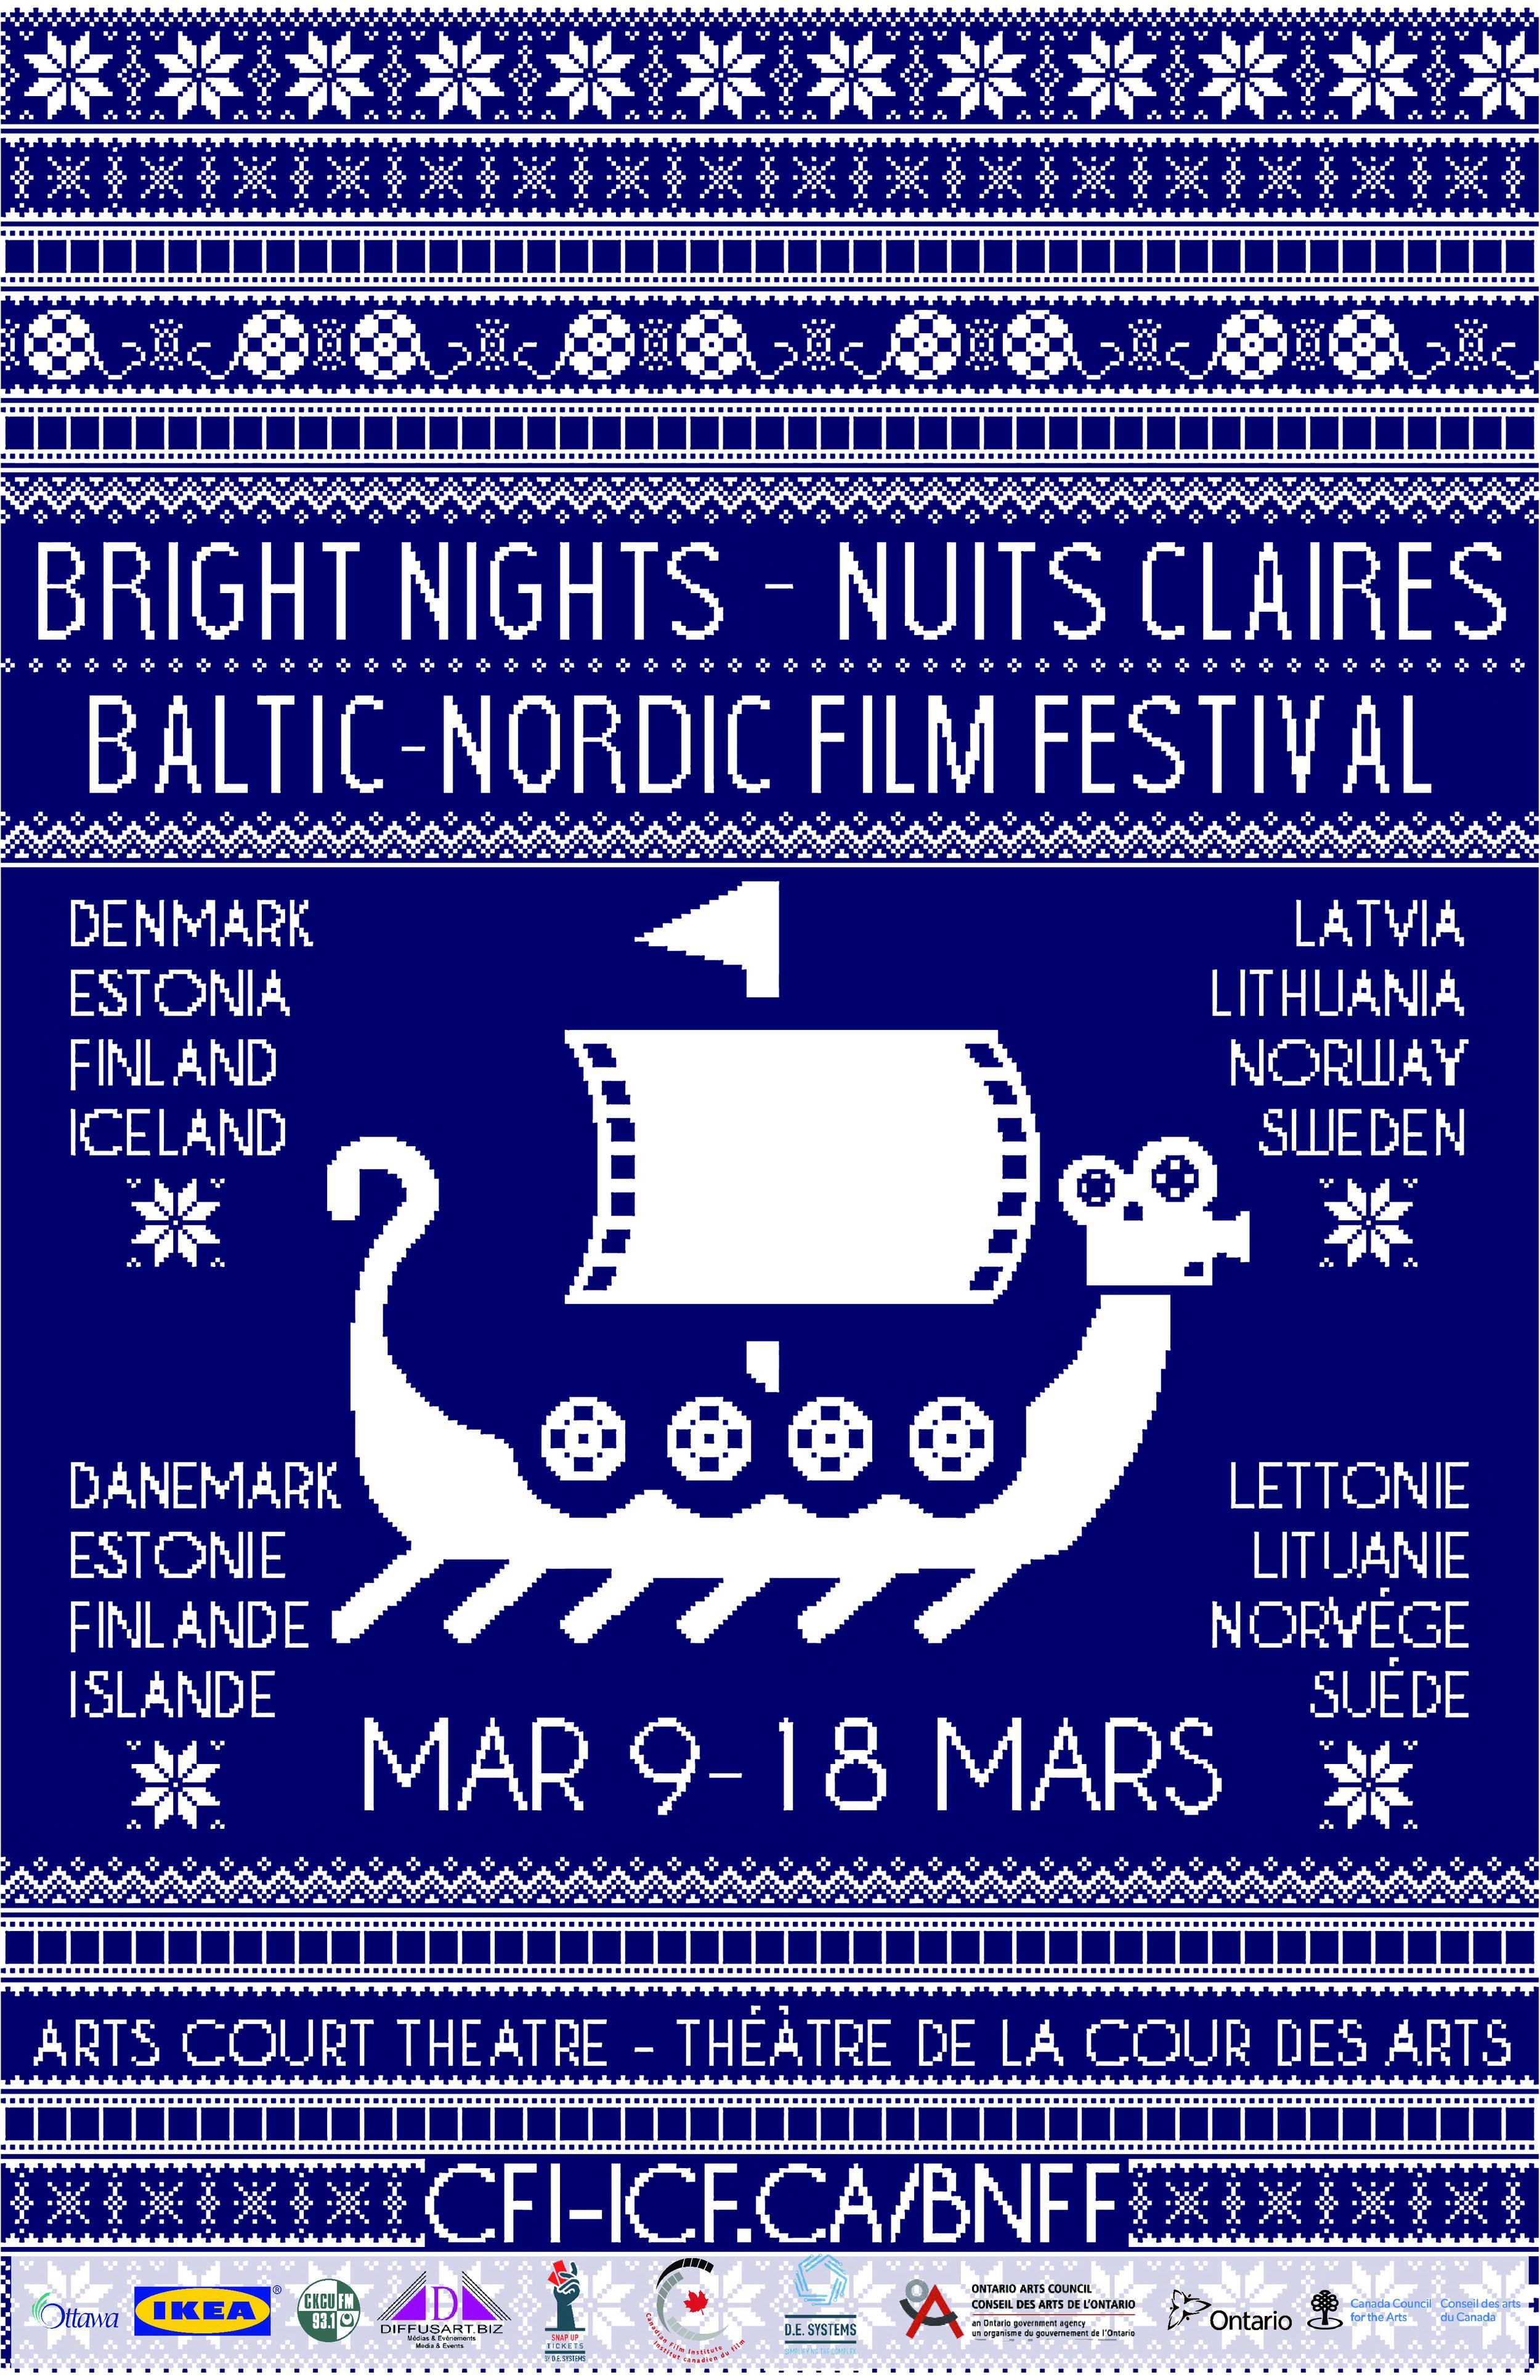 BNFF Sweater Poster v.4 w. sponsors.jpg